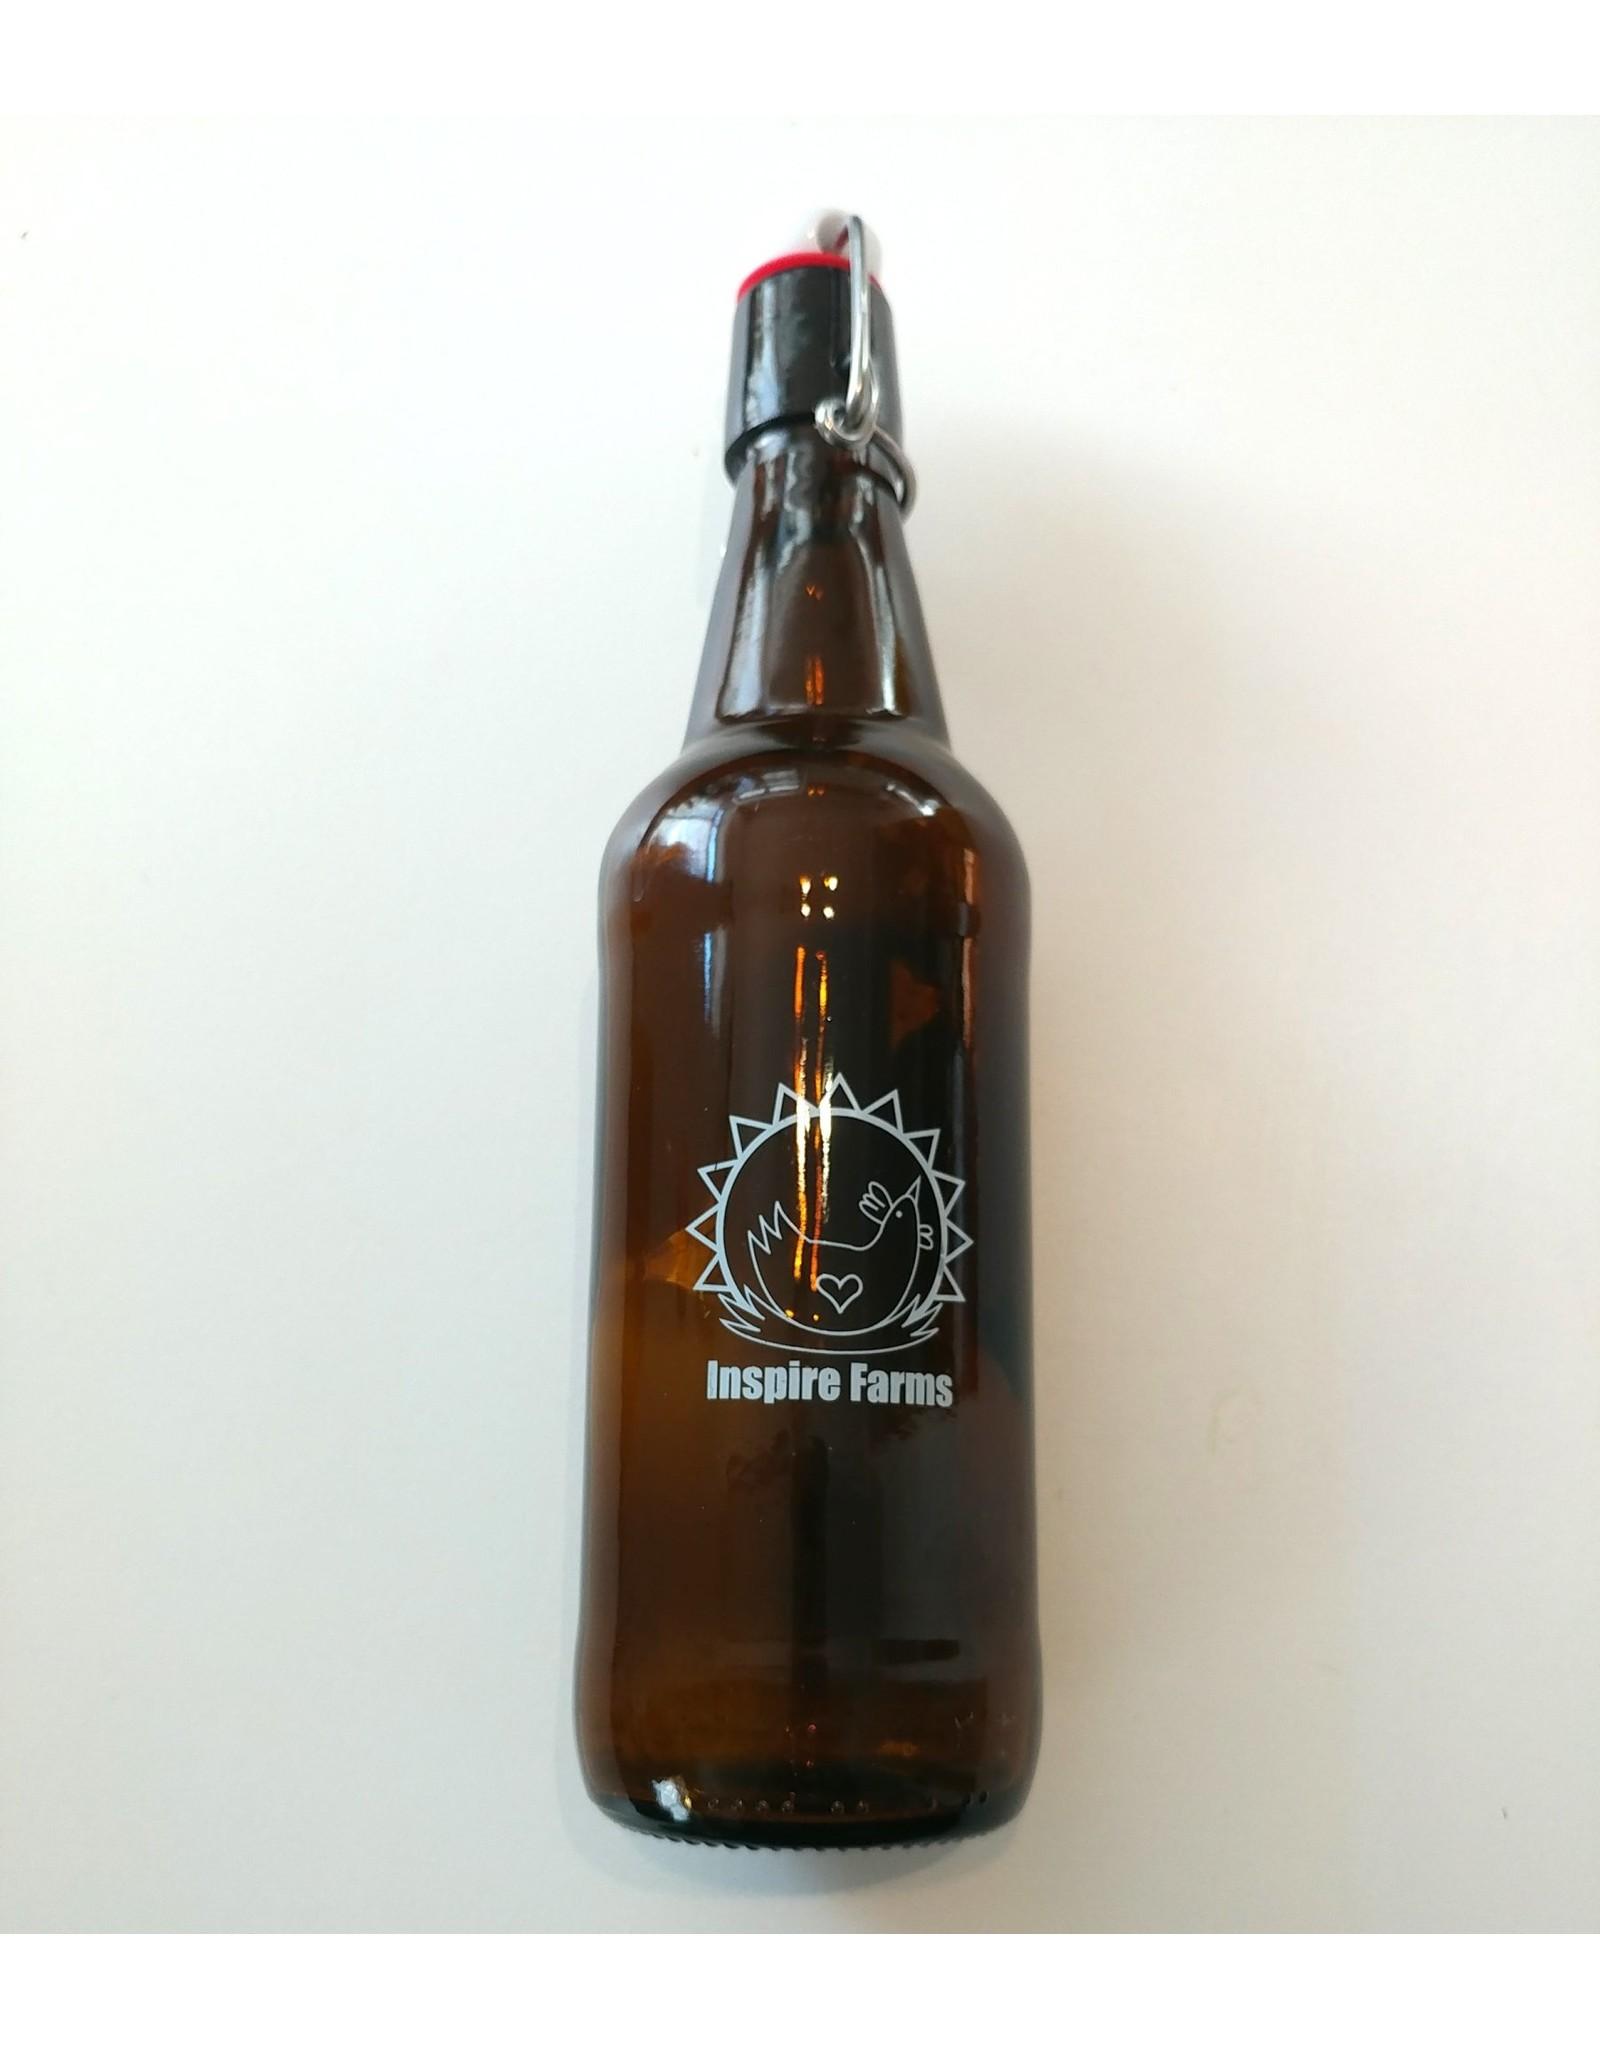 Inspire Farms Amber Swing Top Bottles, 6 bottles